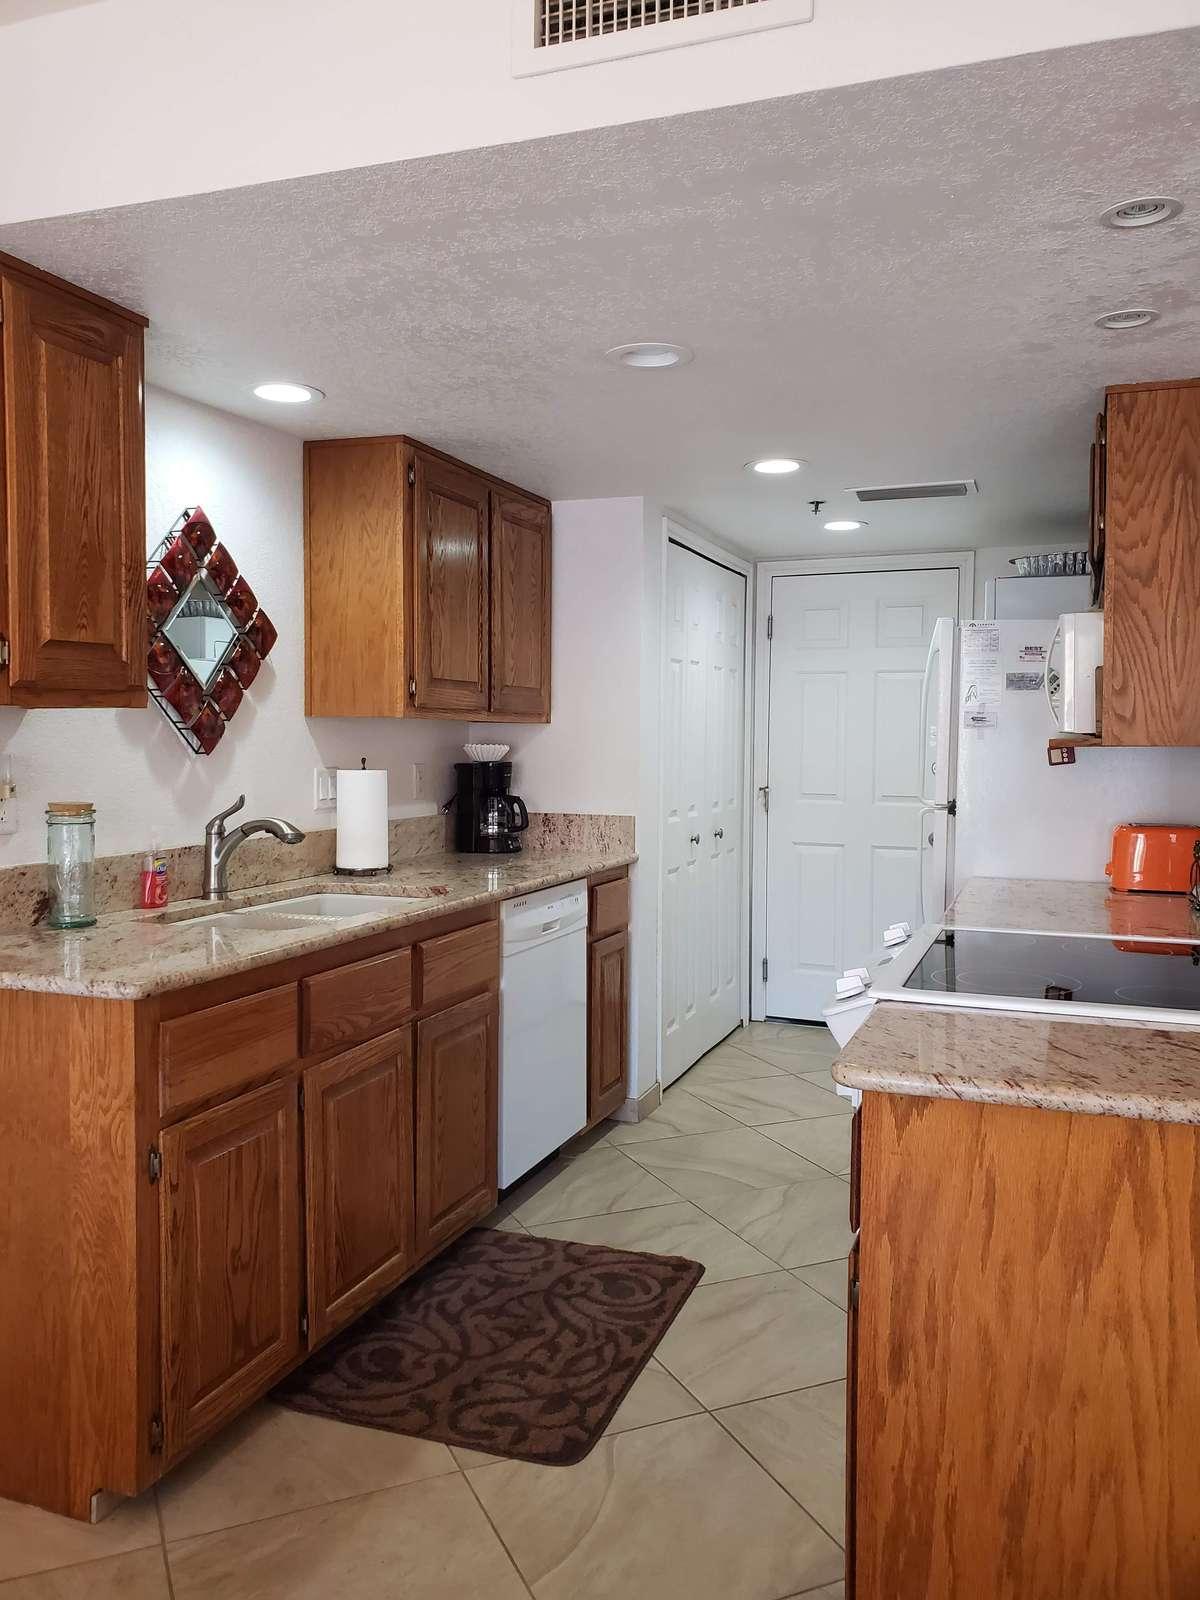 Garage Entry From Kitchen